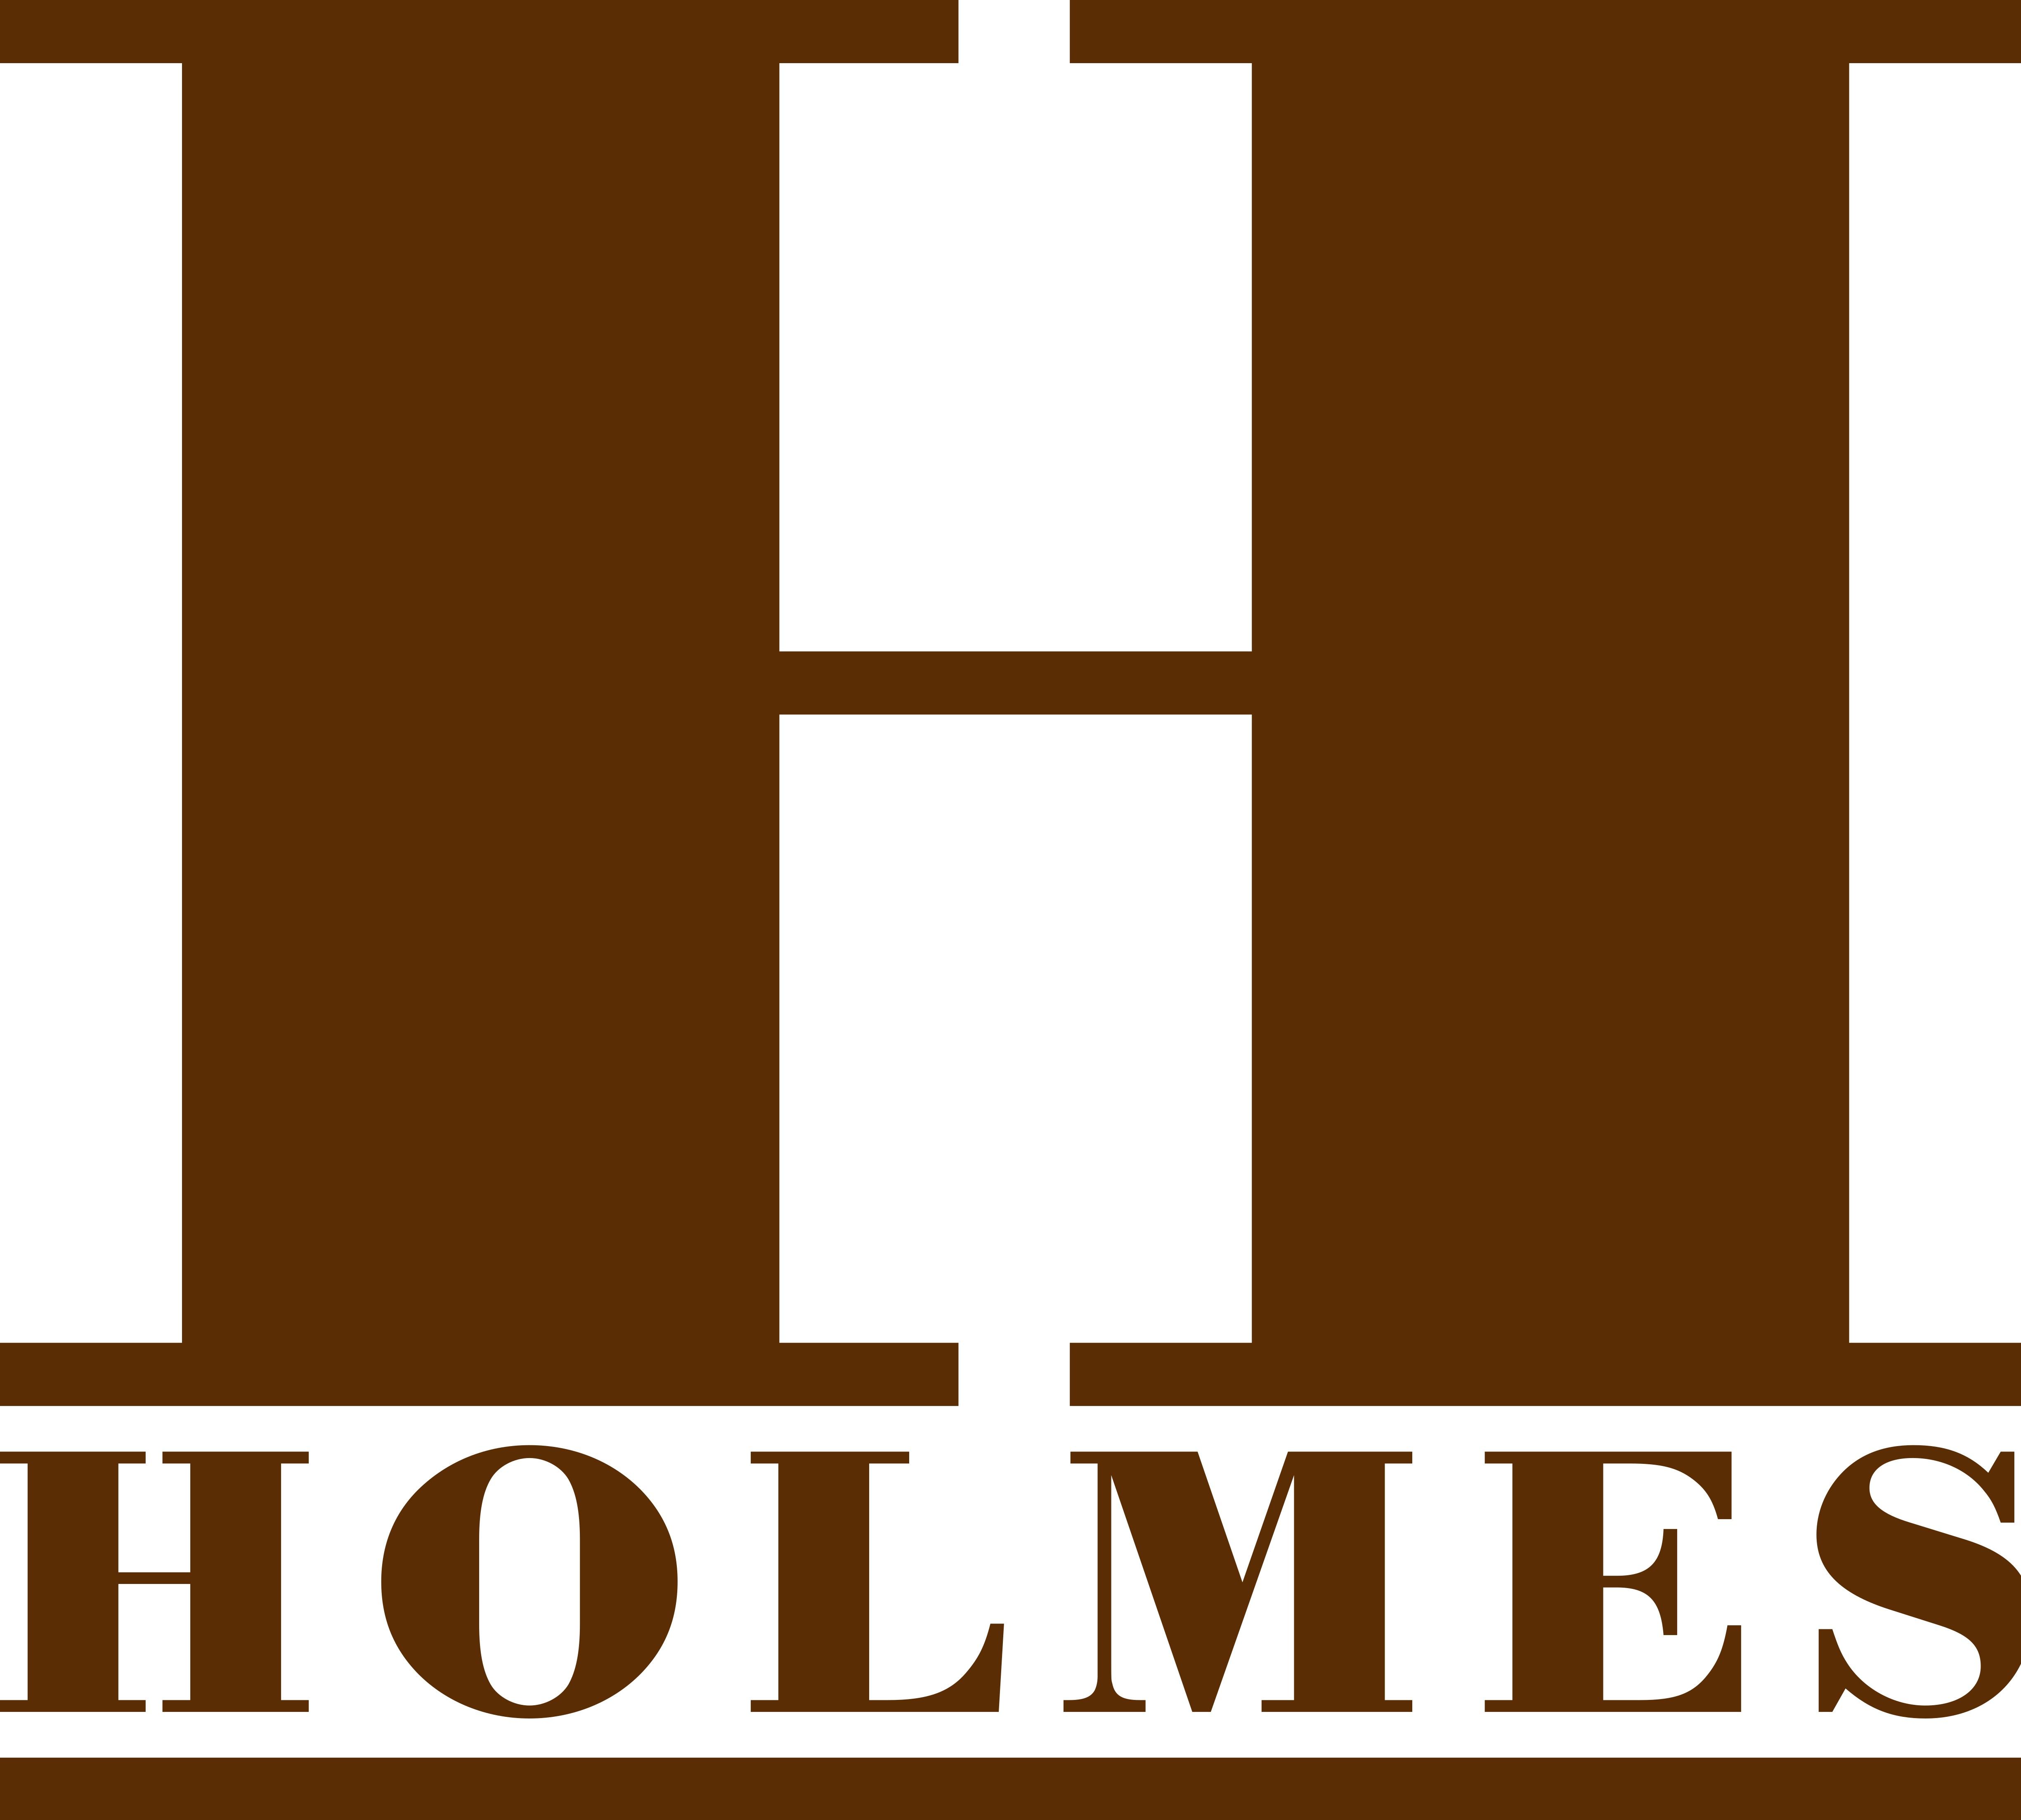 Holmes Builders